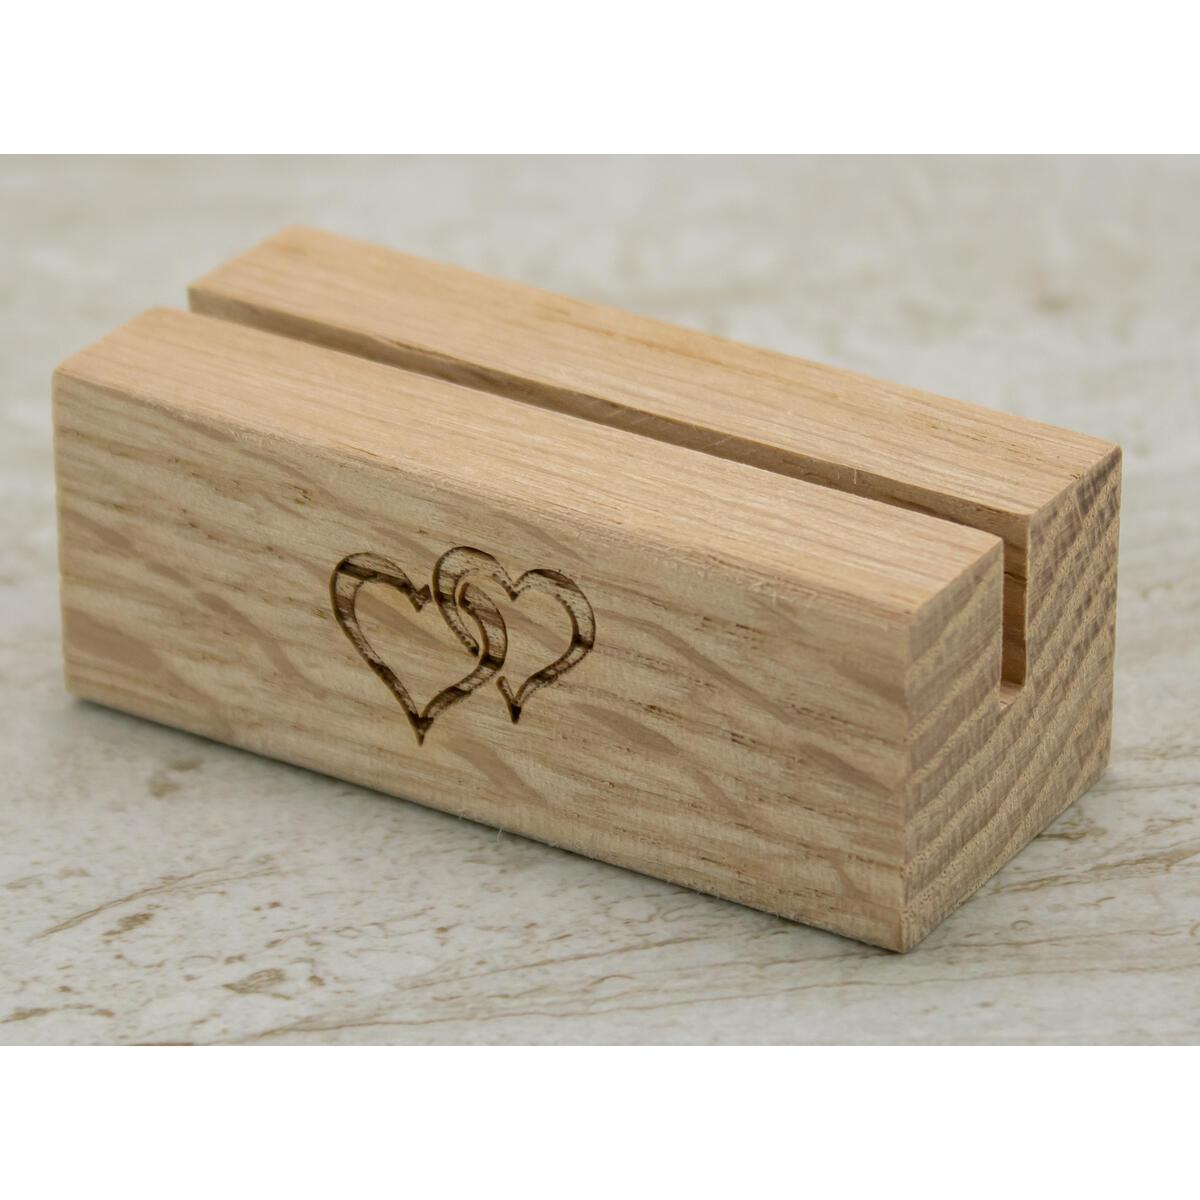 Oak Wood Table Number Holders | 20 Pack | 2.5